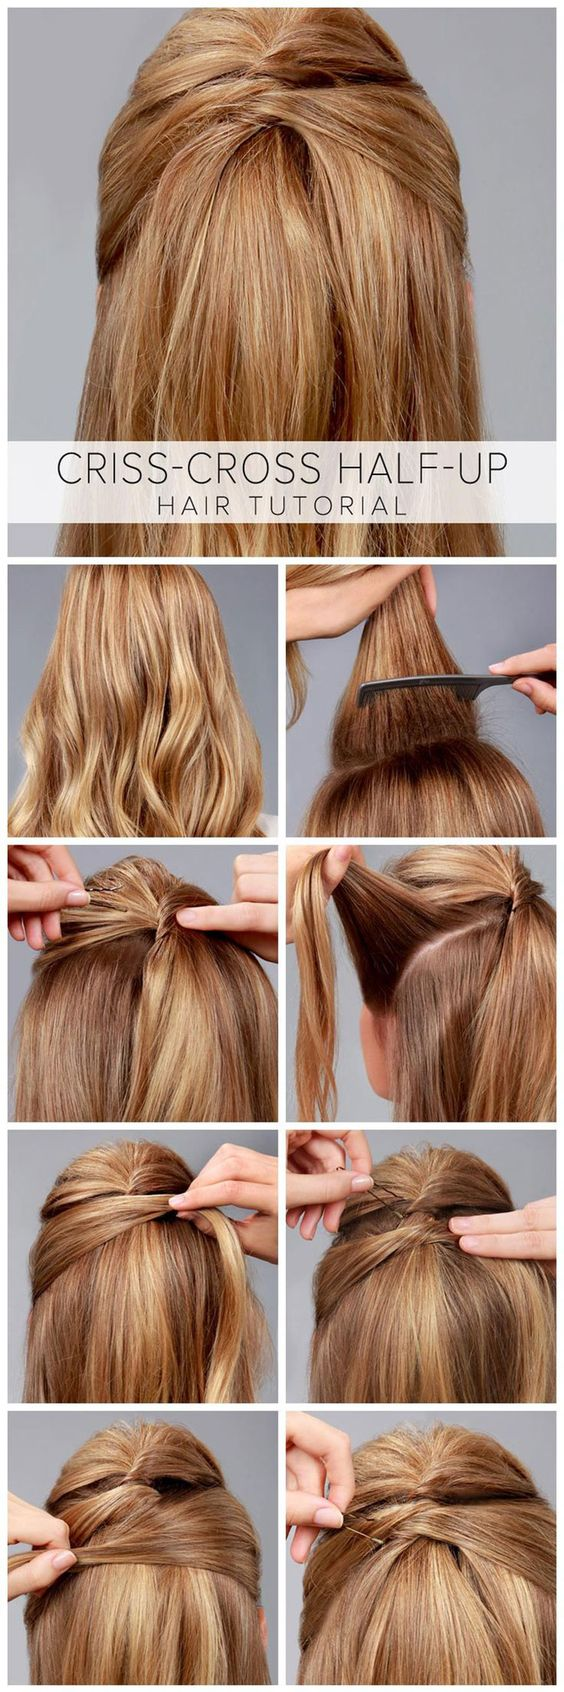 Strange Styles For Long Hair Long Hair And Half Up On Pinterest Short Hairstyles For Black Women Fulllsitofus